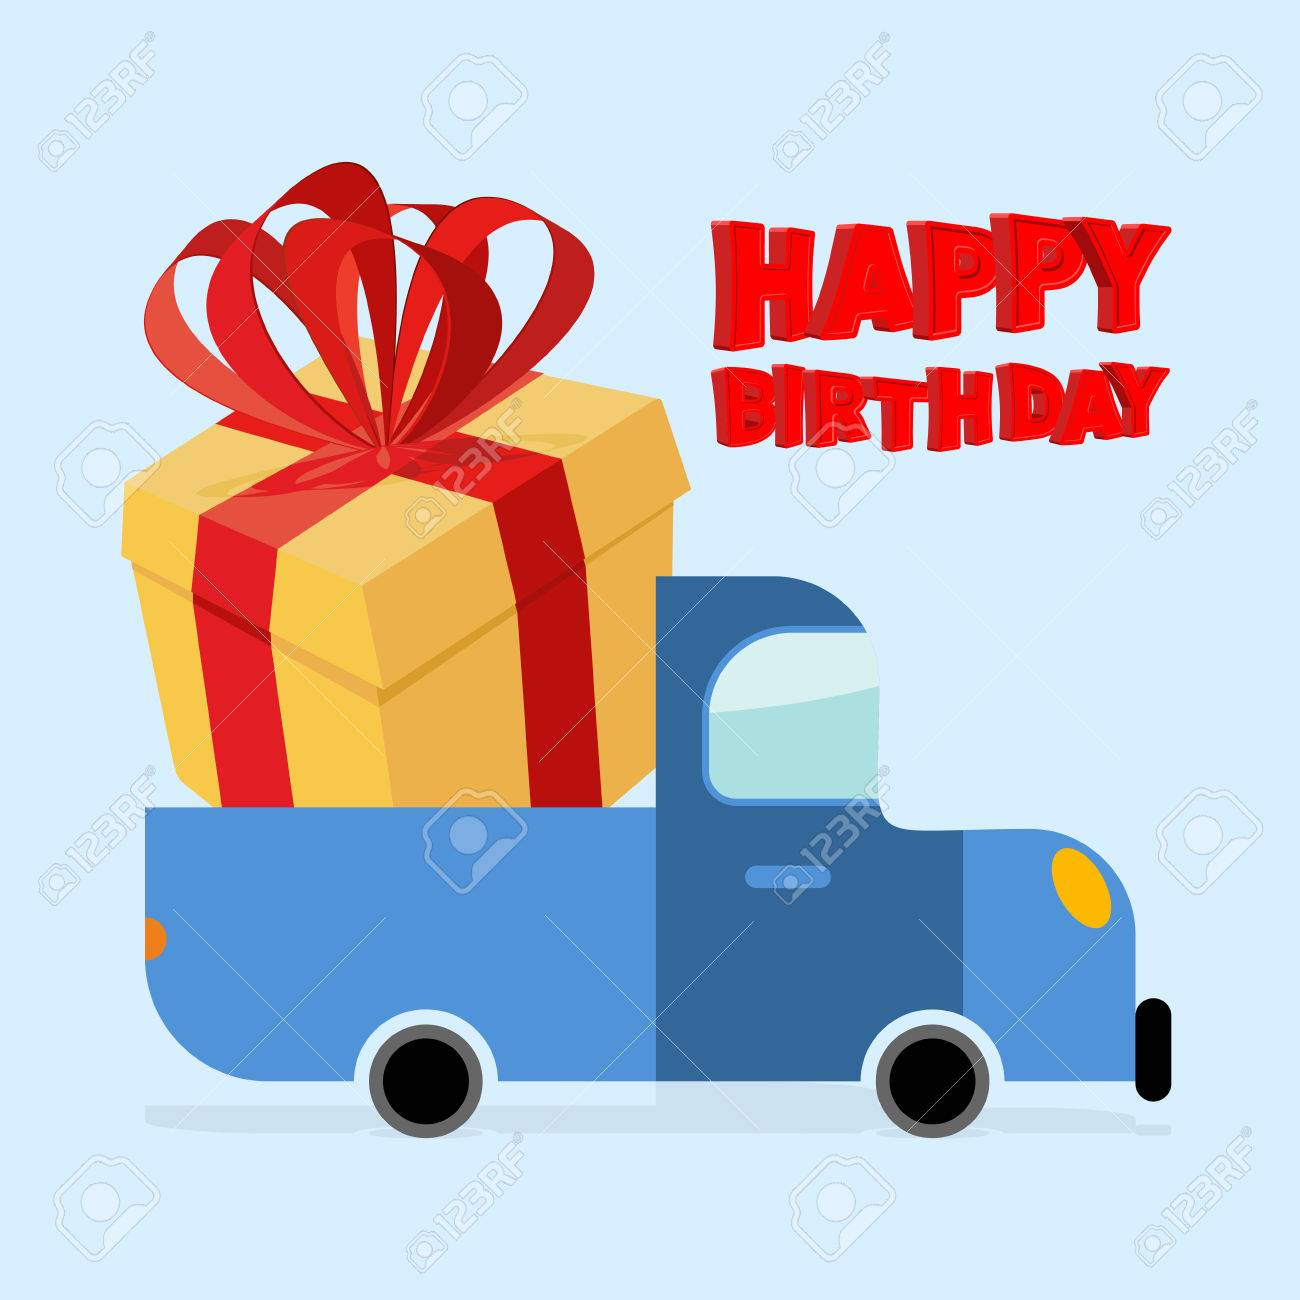 Alles Gute Zum Geburtstag Lkw Tragt Grosse Geschenk Box Gelb